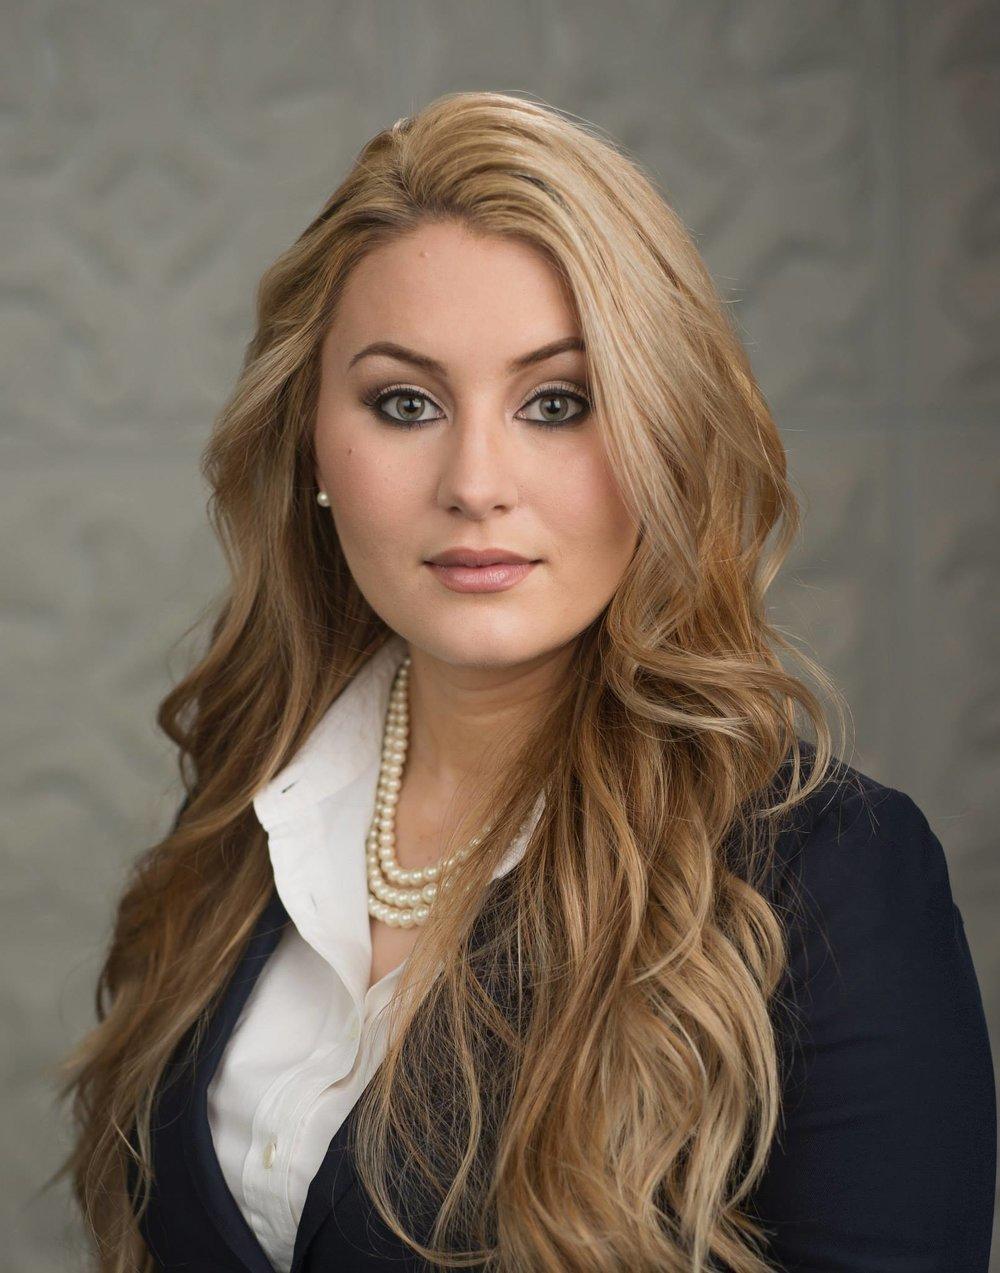 Erica Sizemore